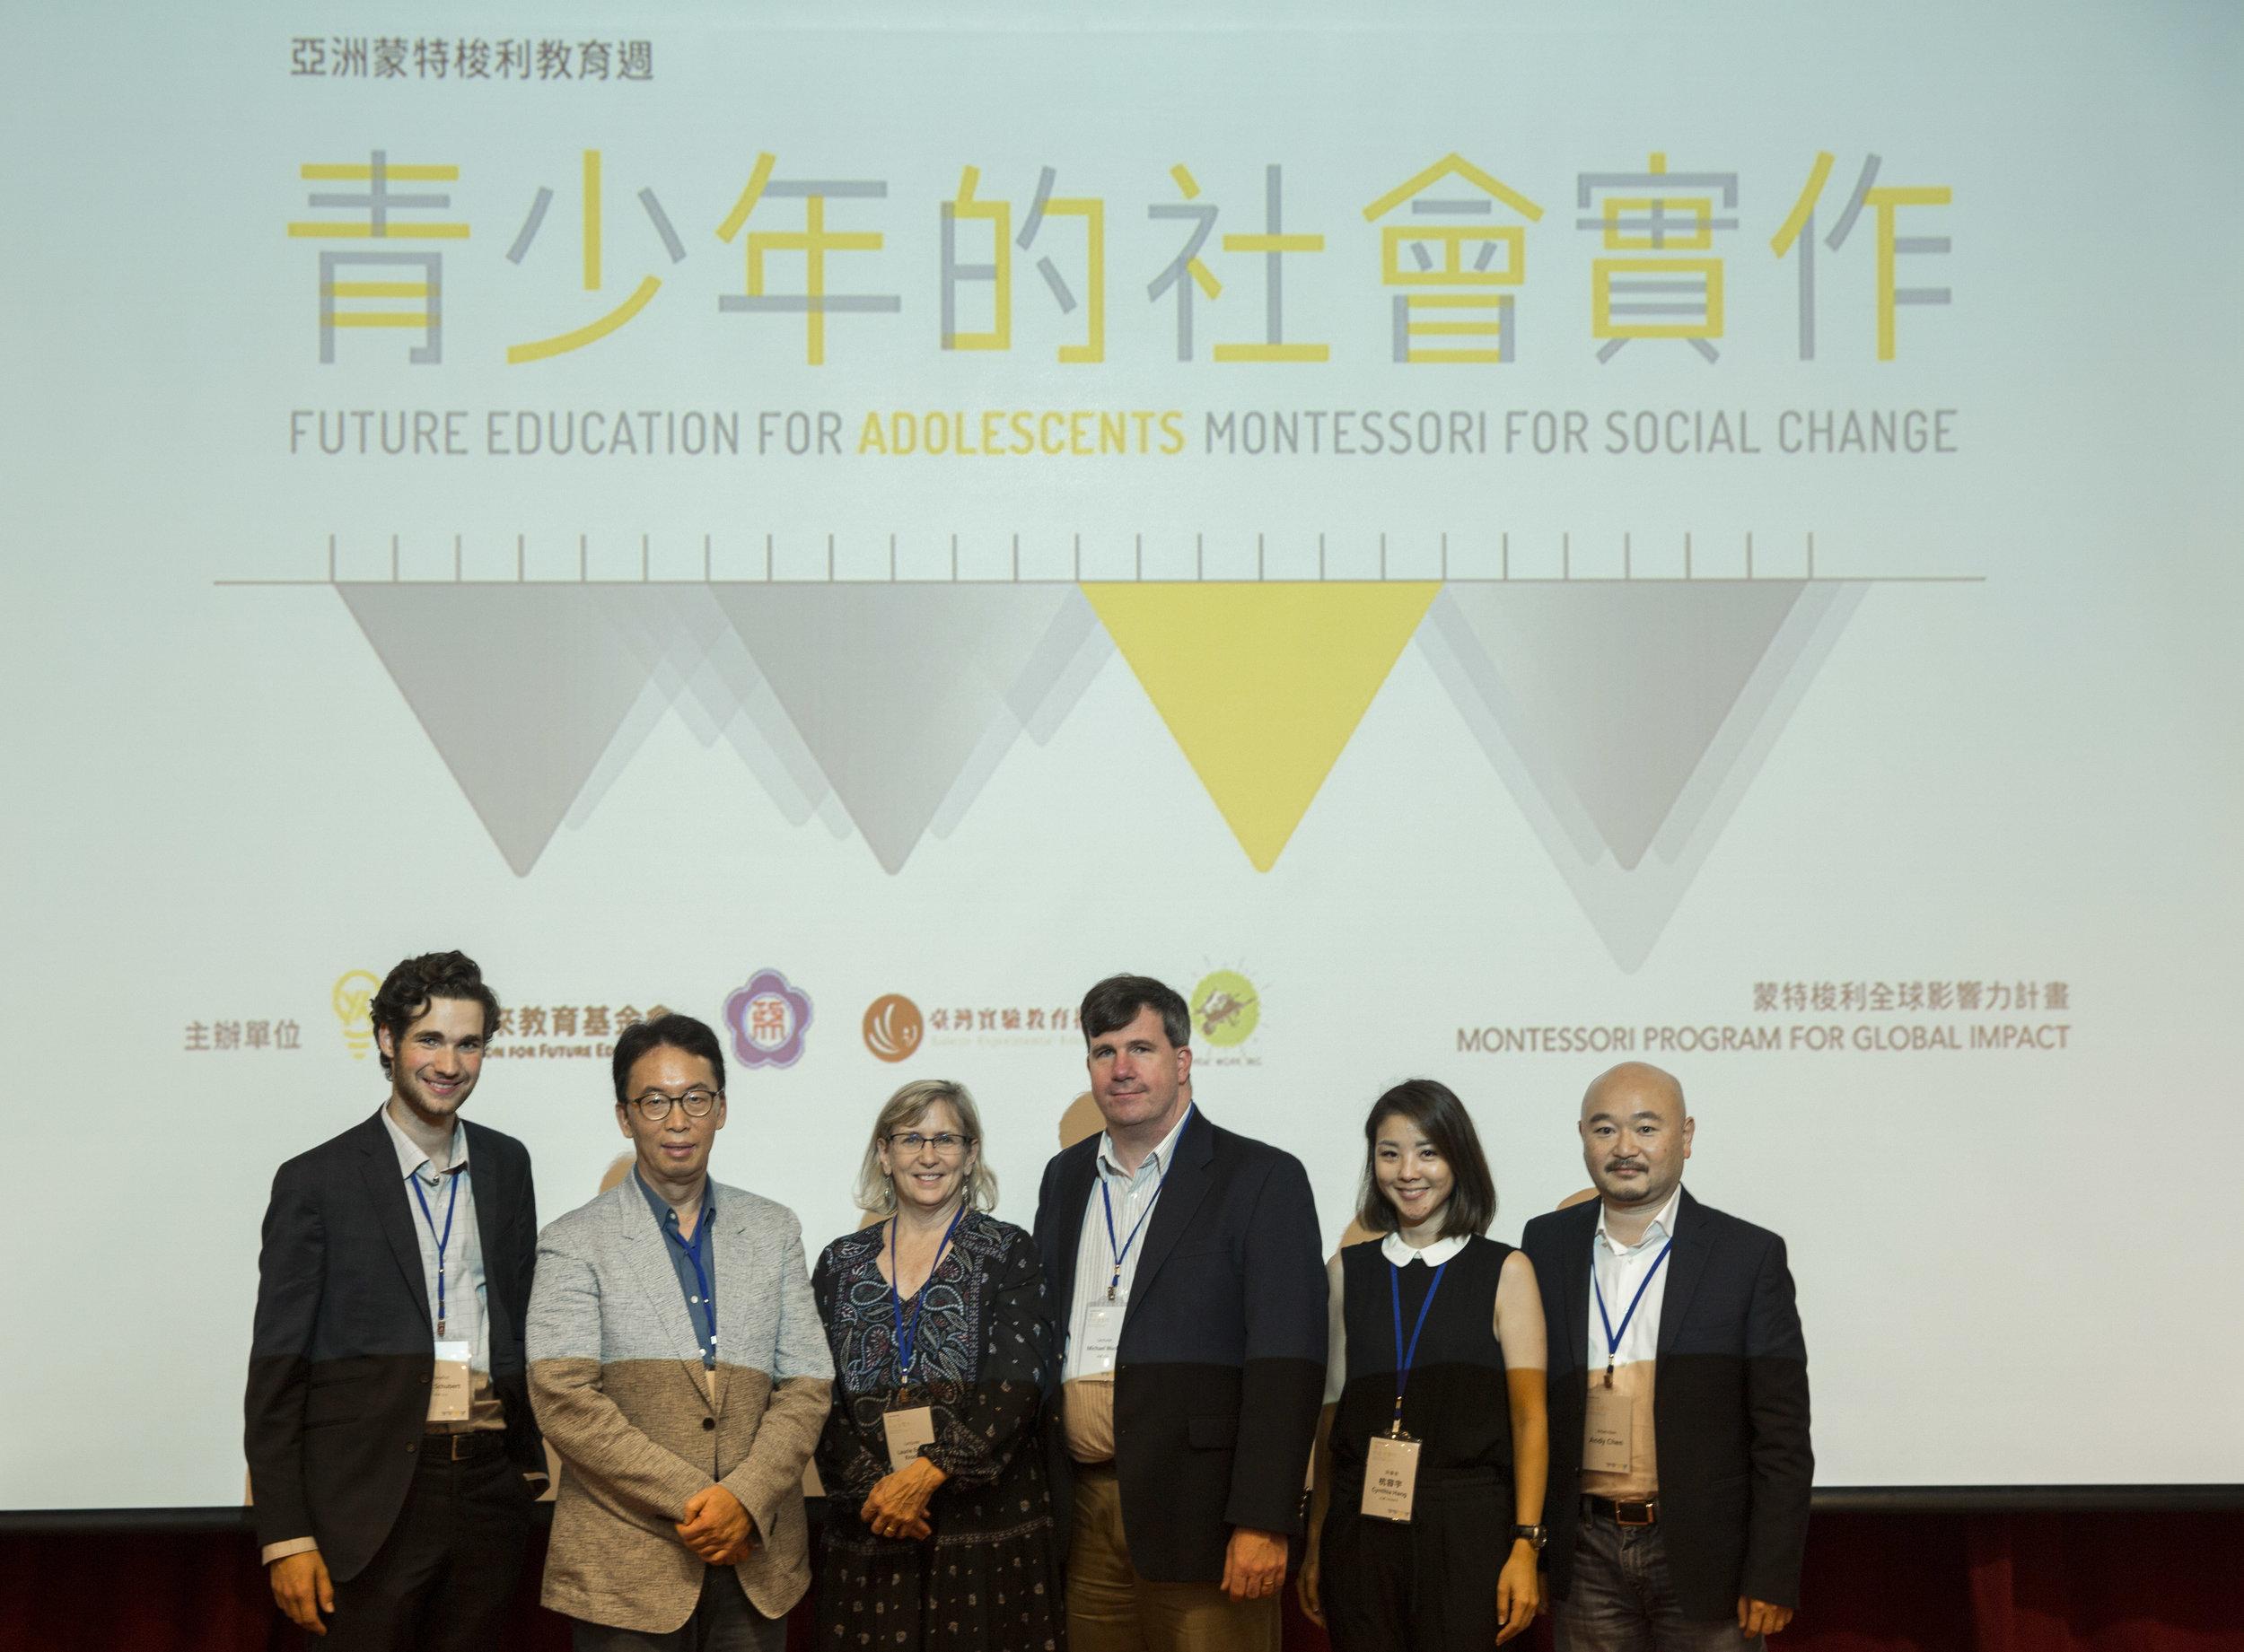 (左起) 綜合座談與談人Max Schubert,主持人鄭同僚, 講者Laurie Ewert-Krocker, Michael Waski, 毅宇基金會創辦人杭容宇, Andy Chen.JPG